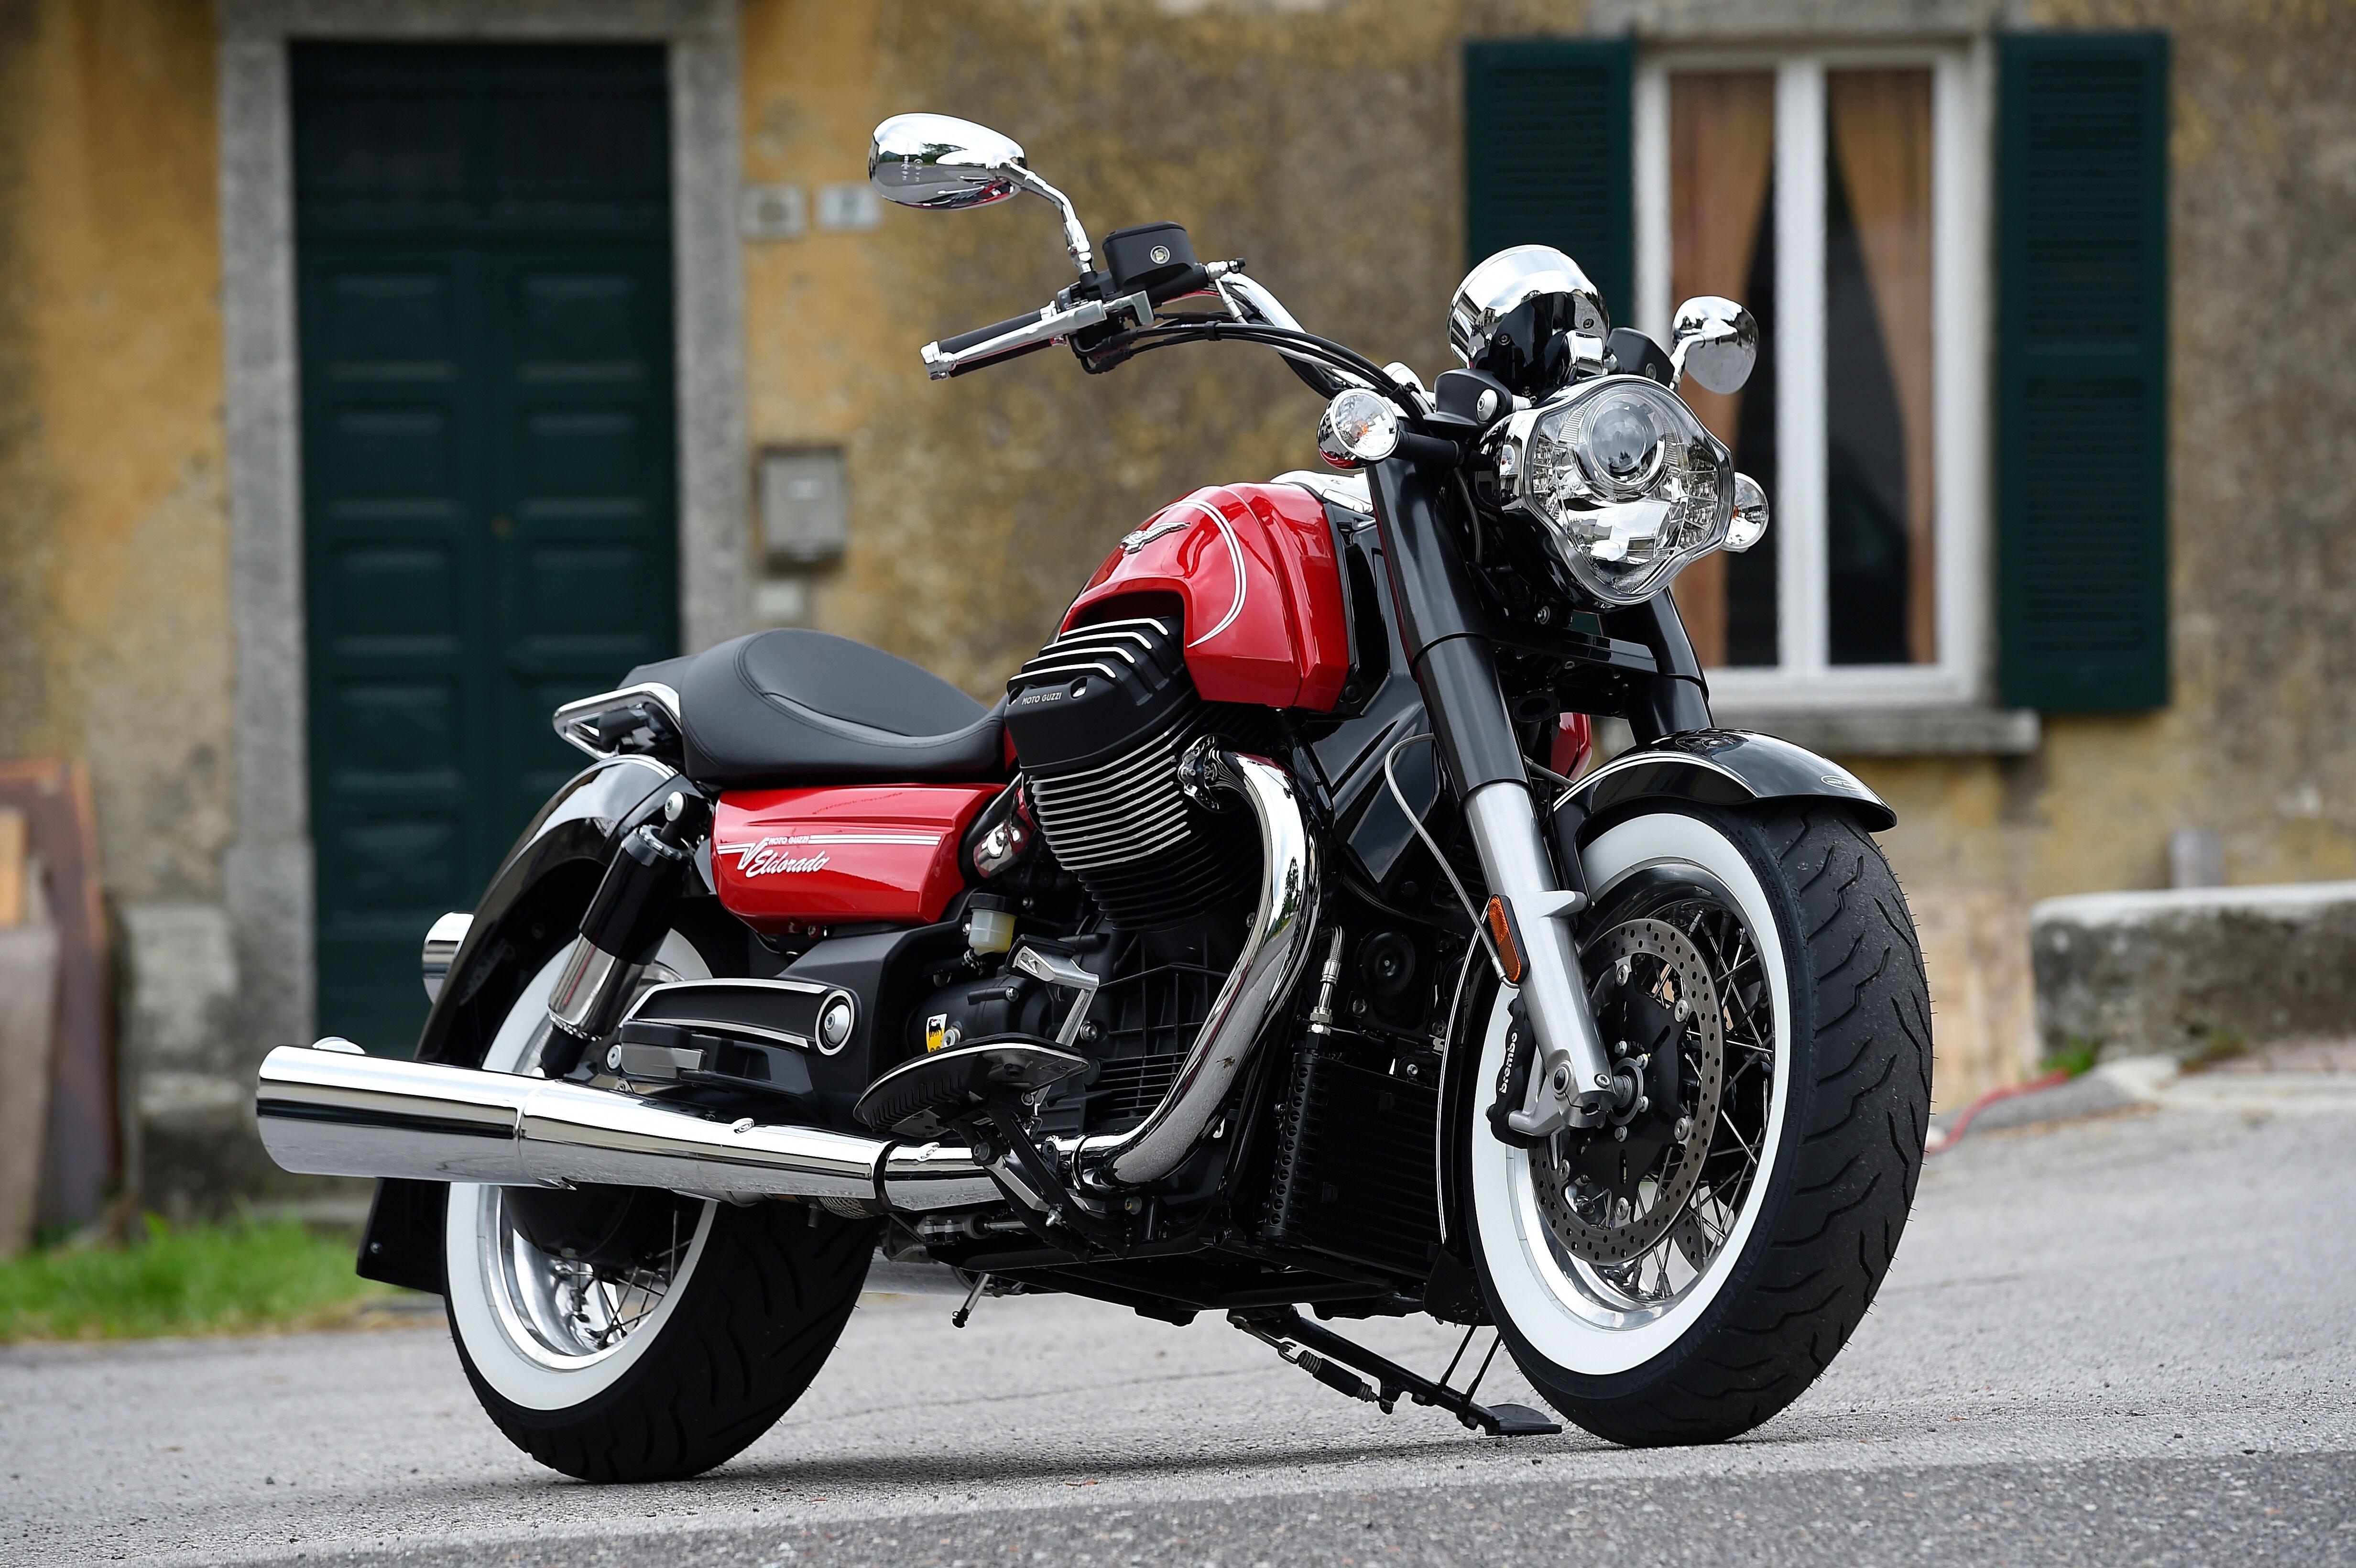 First ride: Moto Guzzi Eldorado review